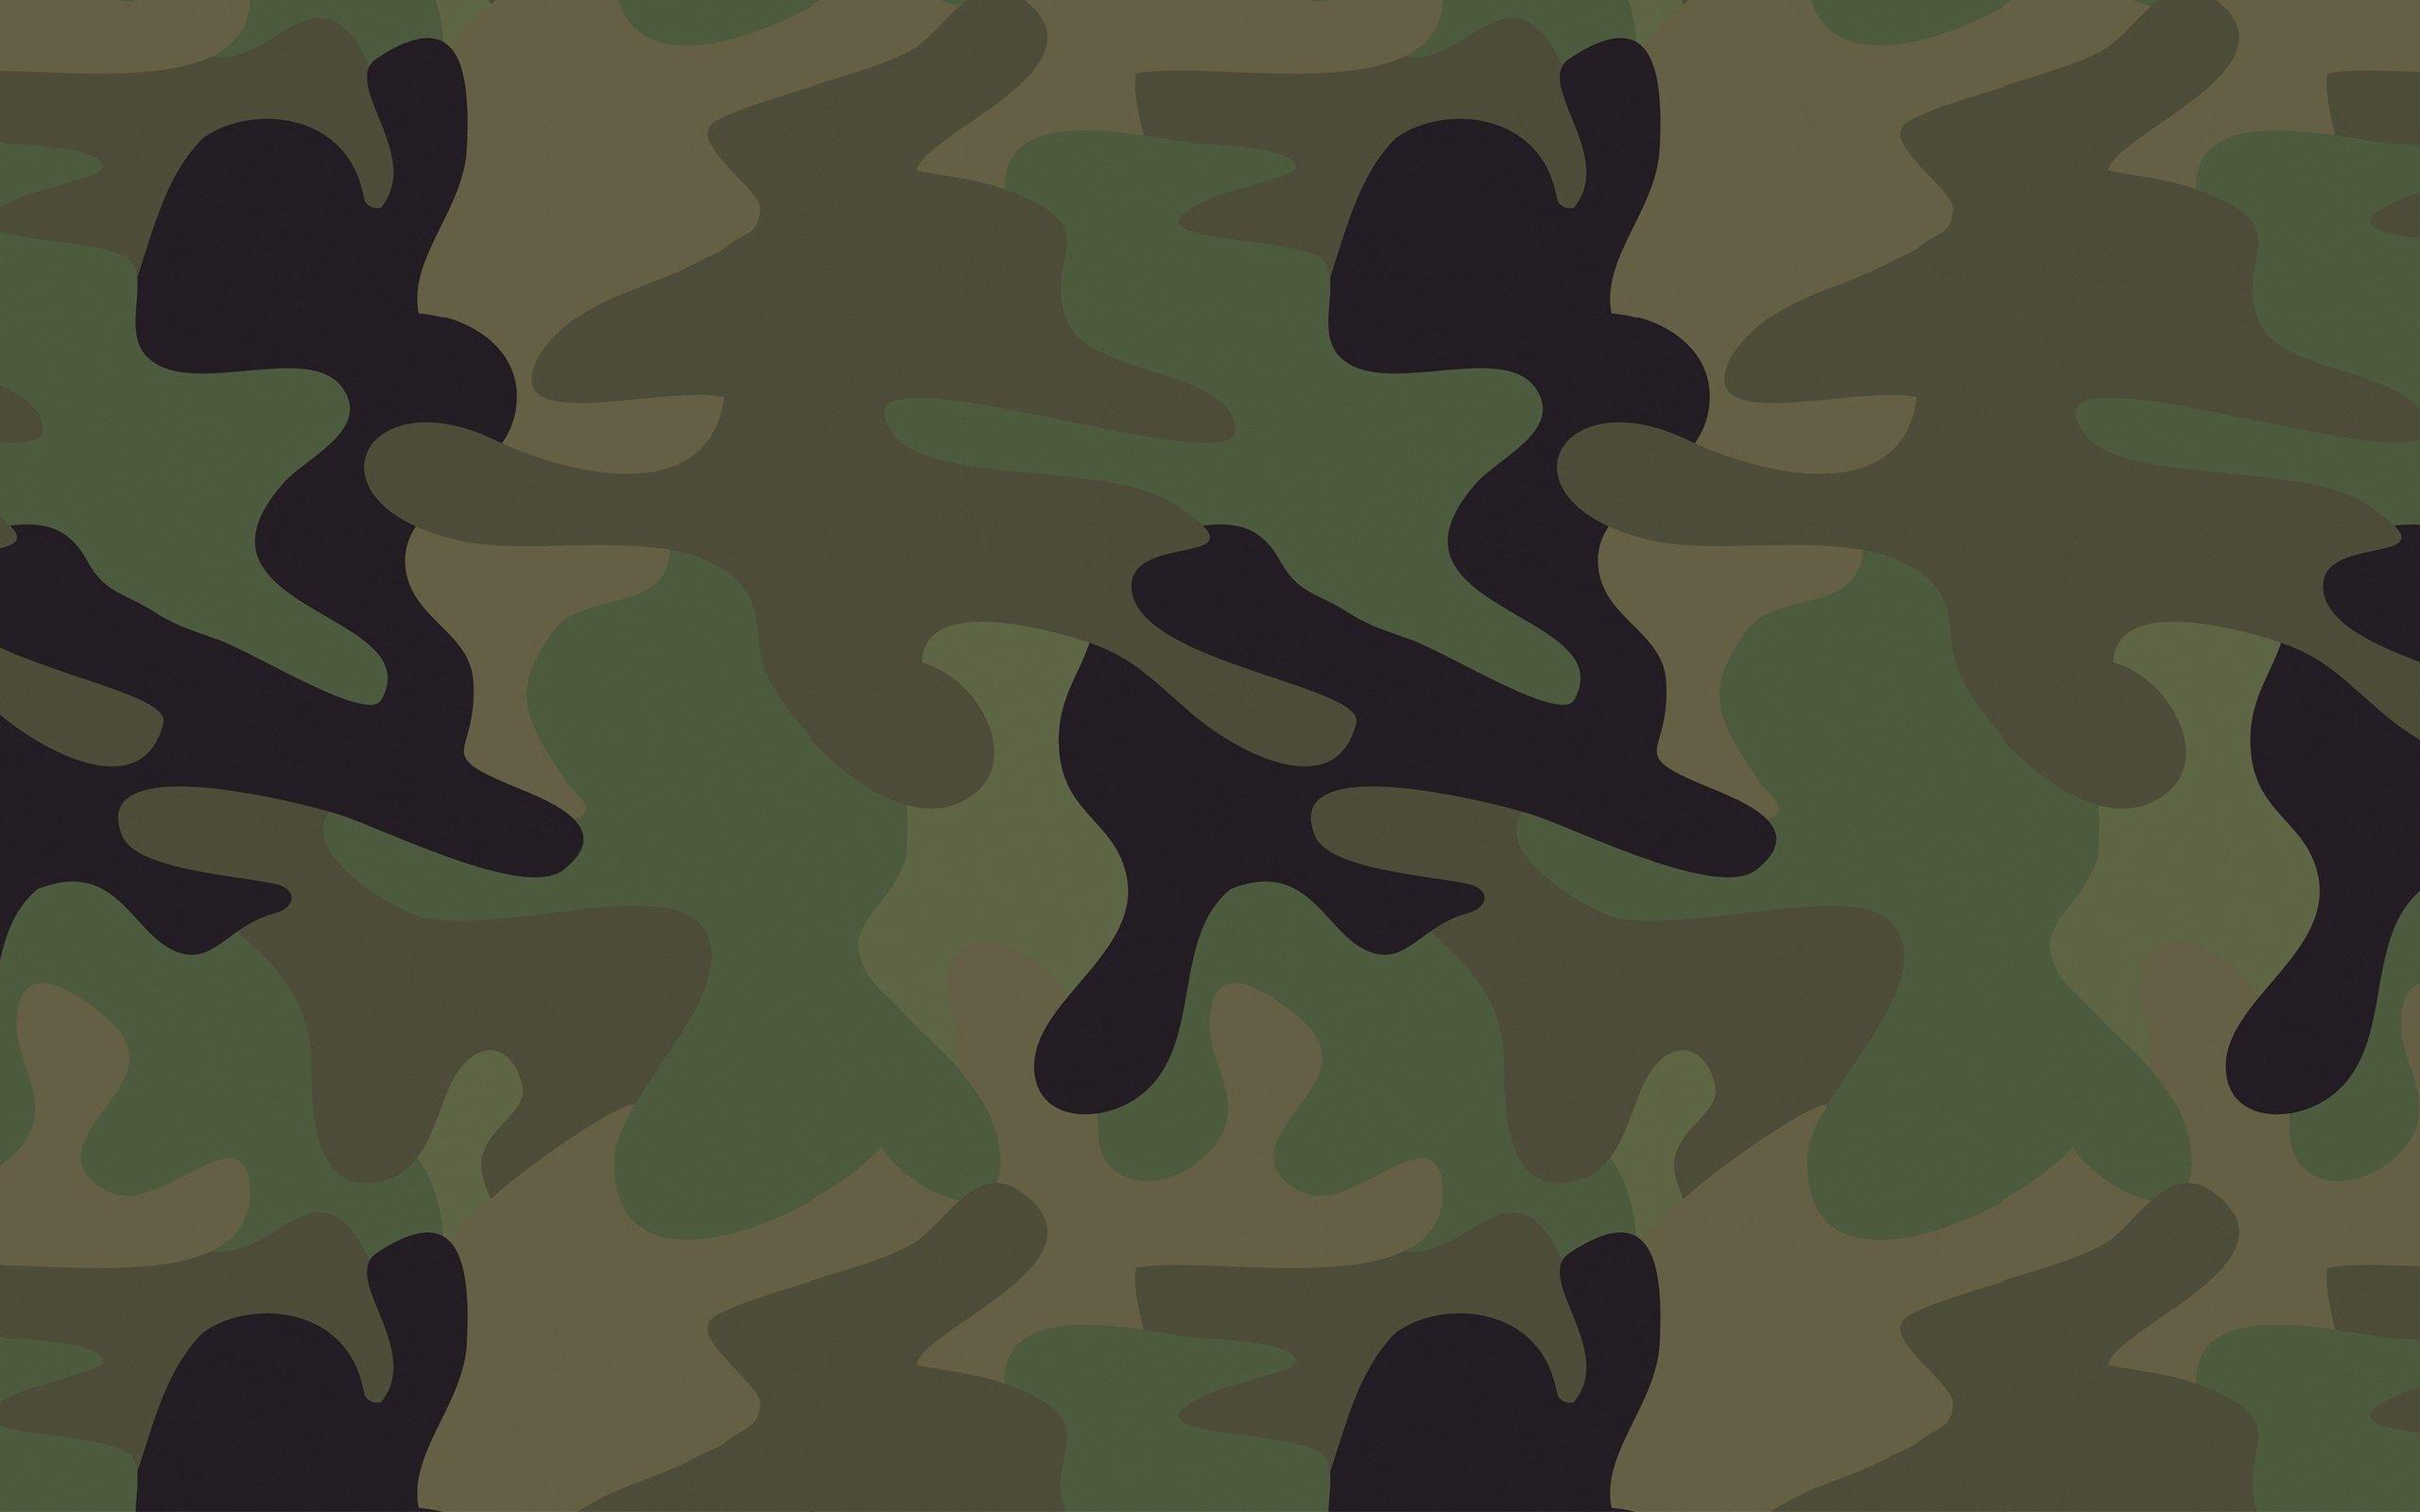 Военная картинка фон, малышарики для раскрашивания